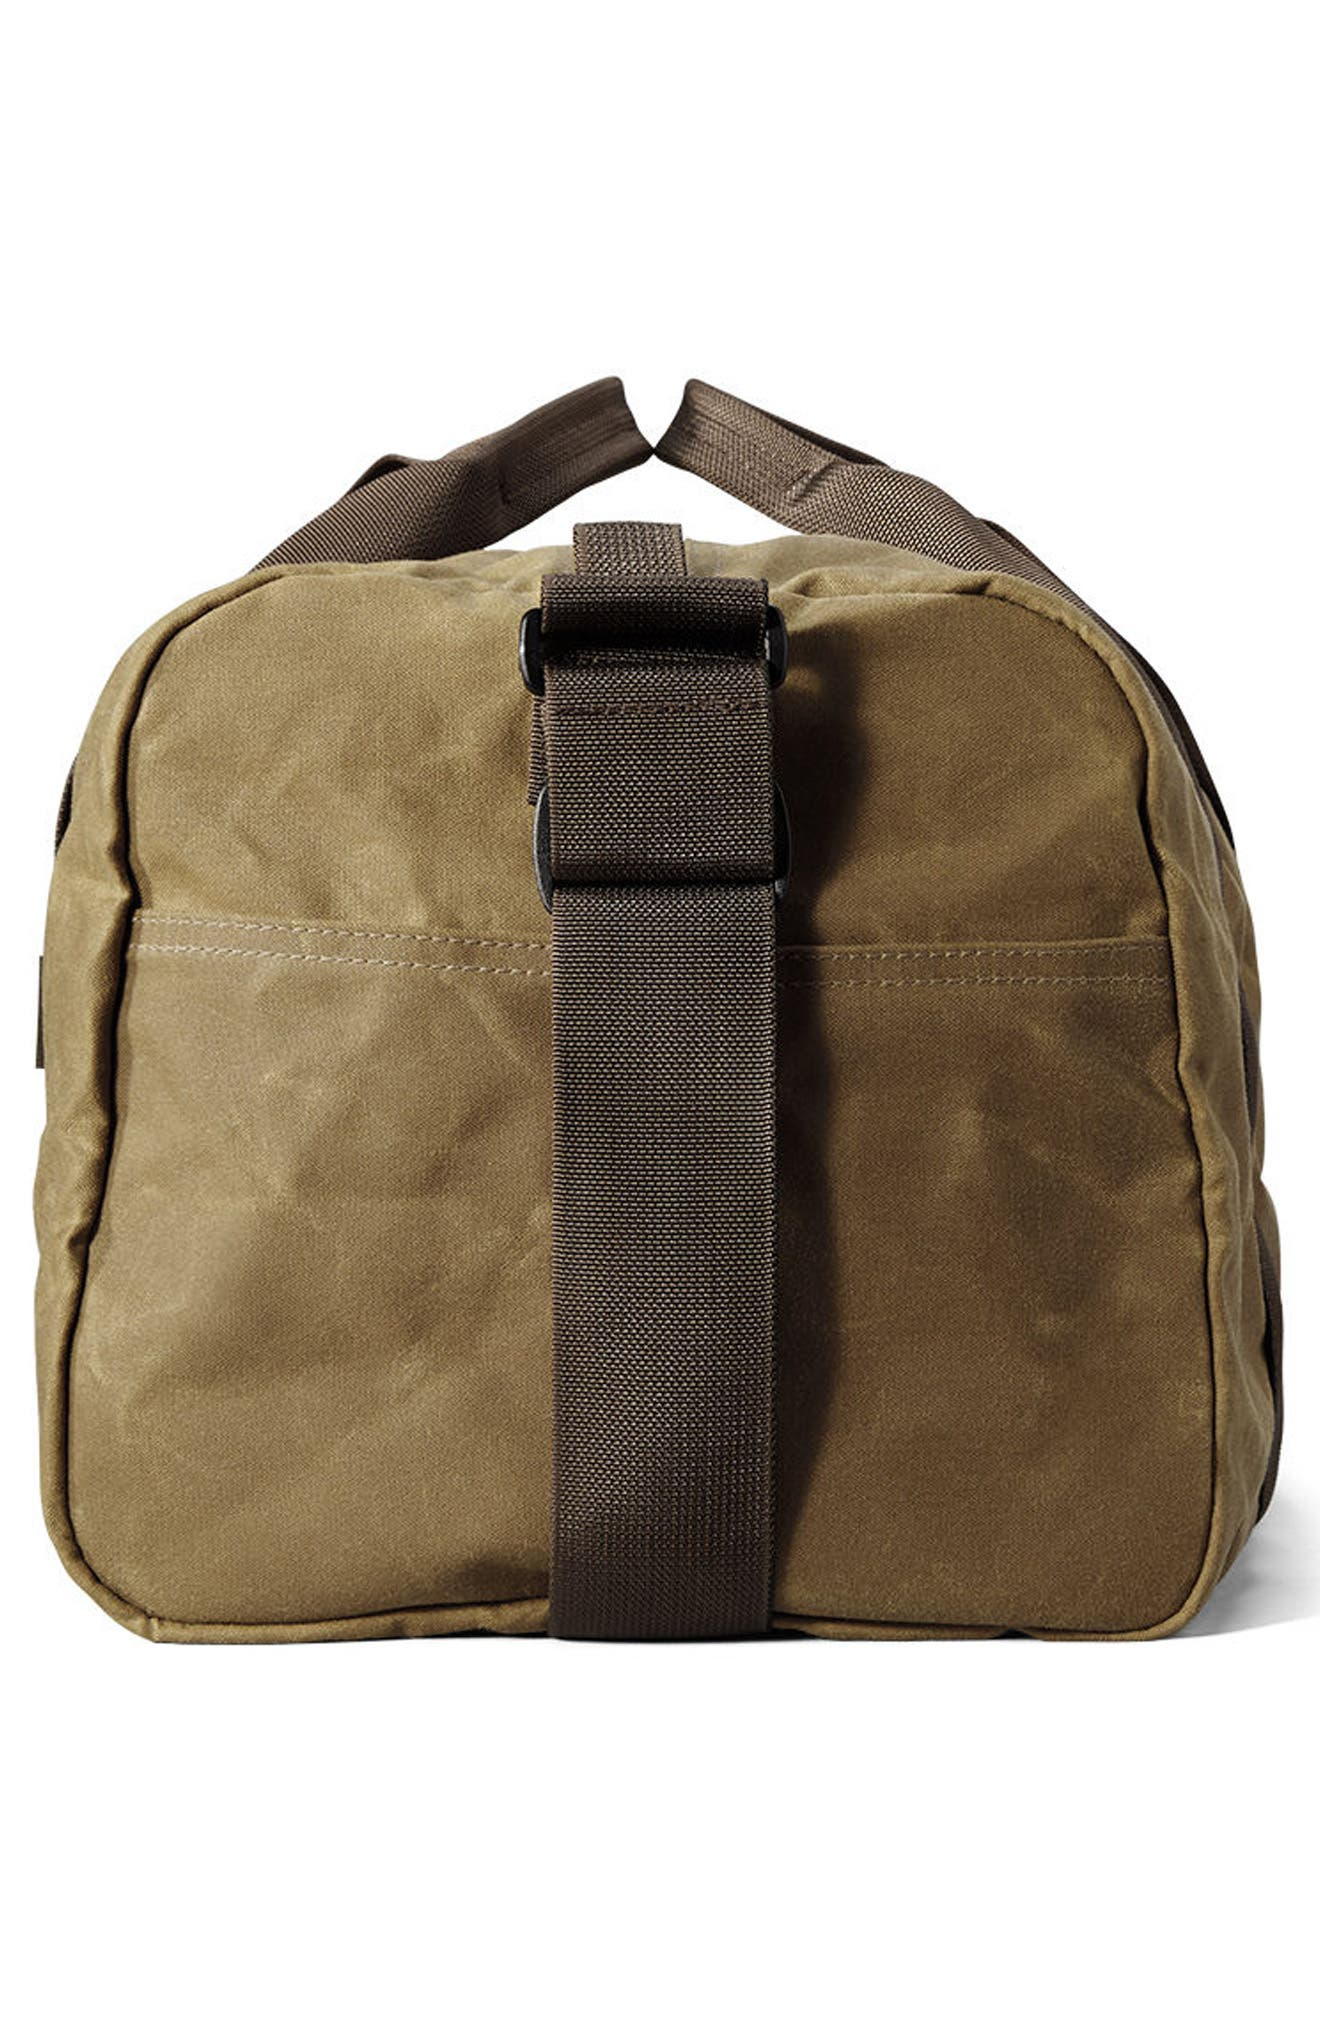 Small Field Duffel Bag,                             Alternate thumbnail 3, color,                             DARK TAN/ BROWN